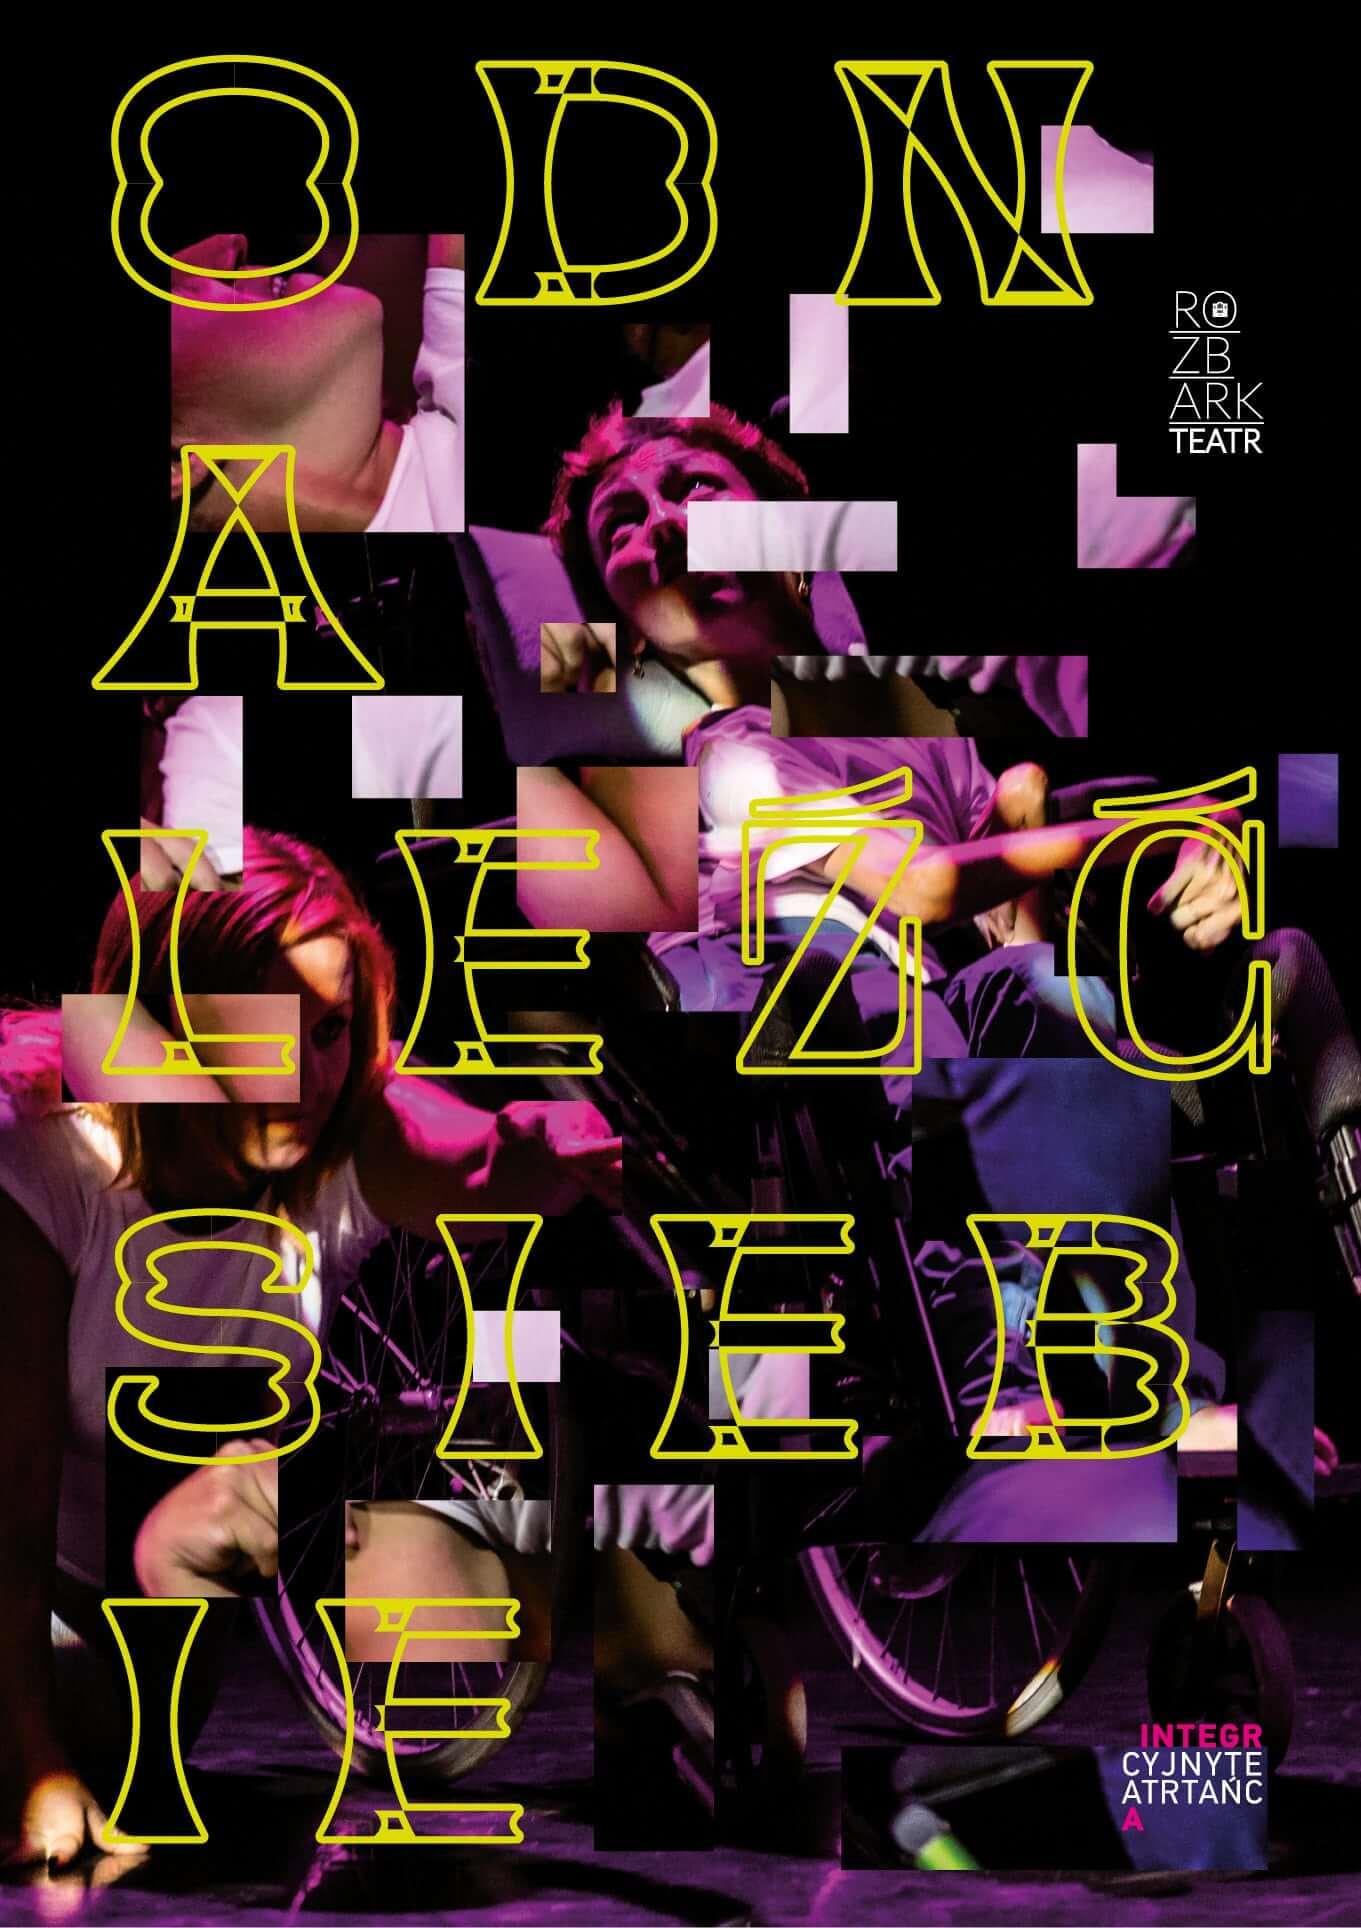 Plakat ze spektaklu Integracyjnego Teatru Tańca Integra. Na plakcie widocznoa jest osoba na wózku inwalidzkim, na czarnym tle. Na całości plakatu znajdują małe keadraty i prostokąty. Od góry do dołu umieszczony jest nast napis drukowanymi literami o żółtych krawędziach:ODNALEŹĆ SIEBIE. W prawym górnym rogu znajduje się logo Teatru Rozbark w kolorze białym.